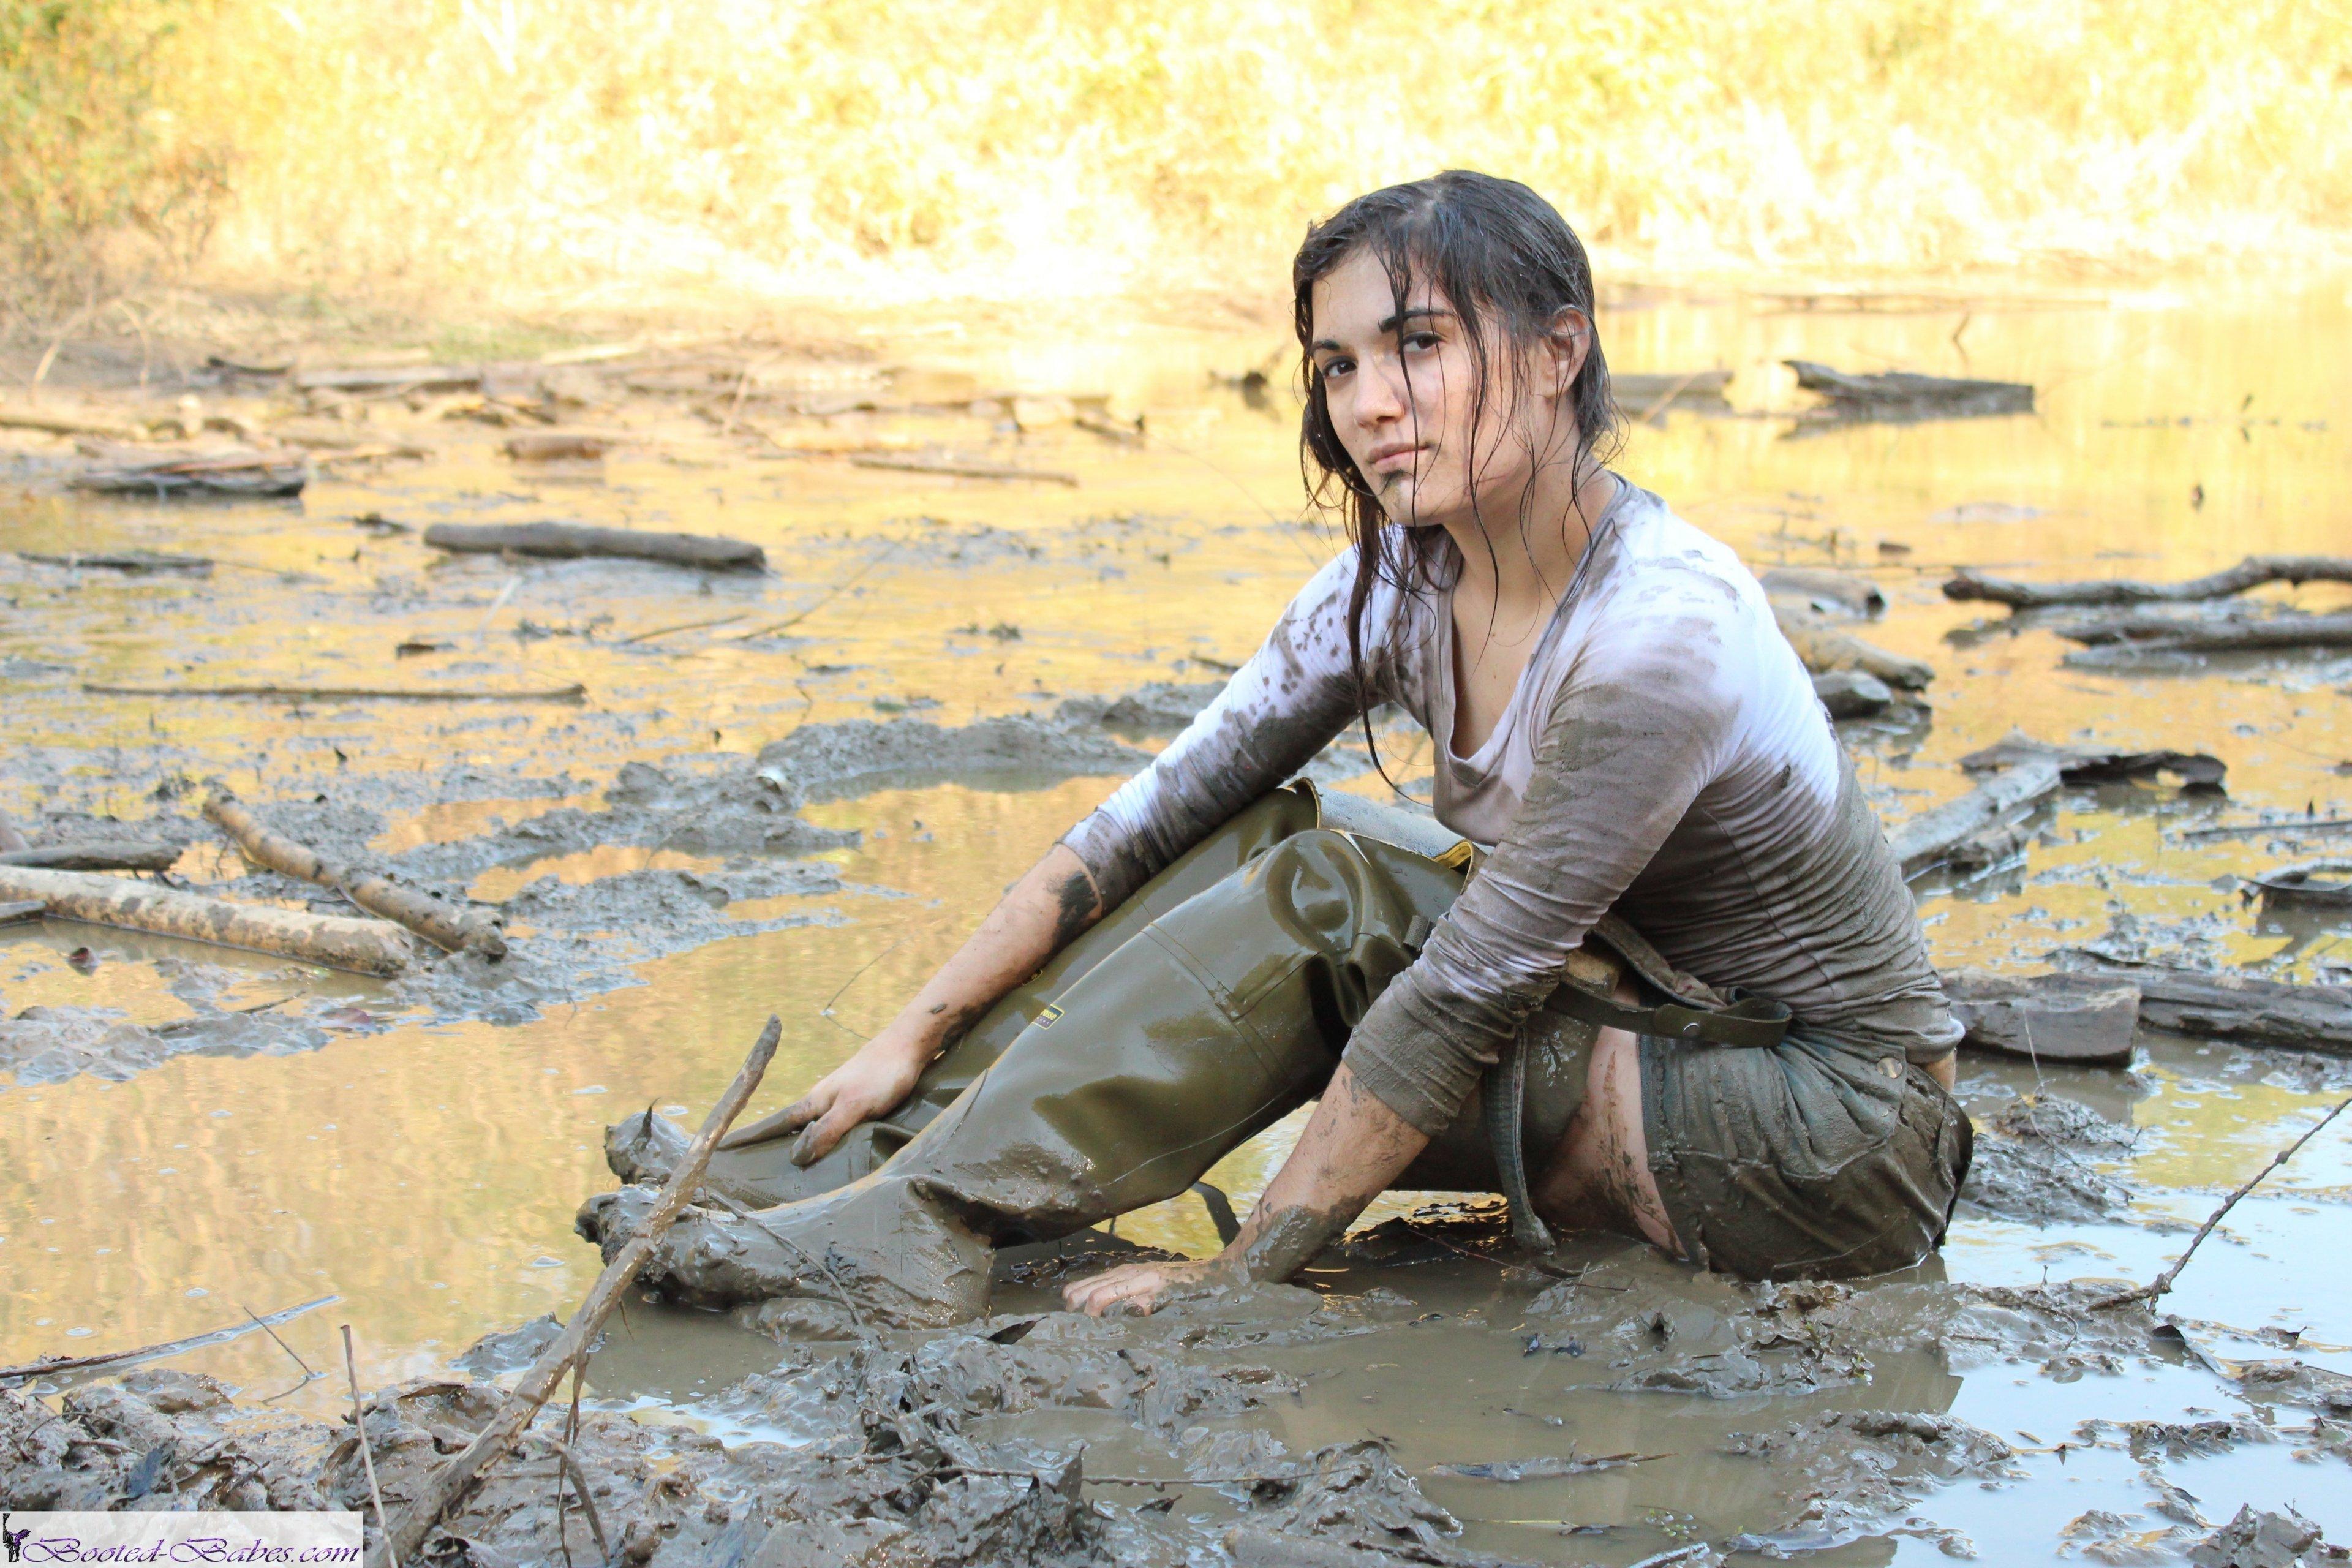 Меряемся грязевыми ямами. Nerea--picture-bundle-1_3